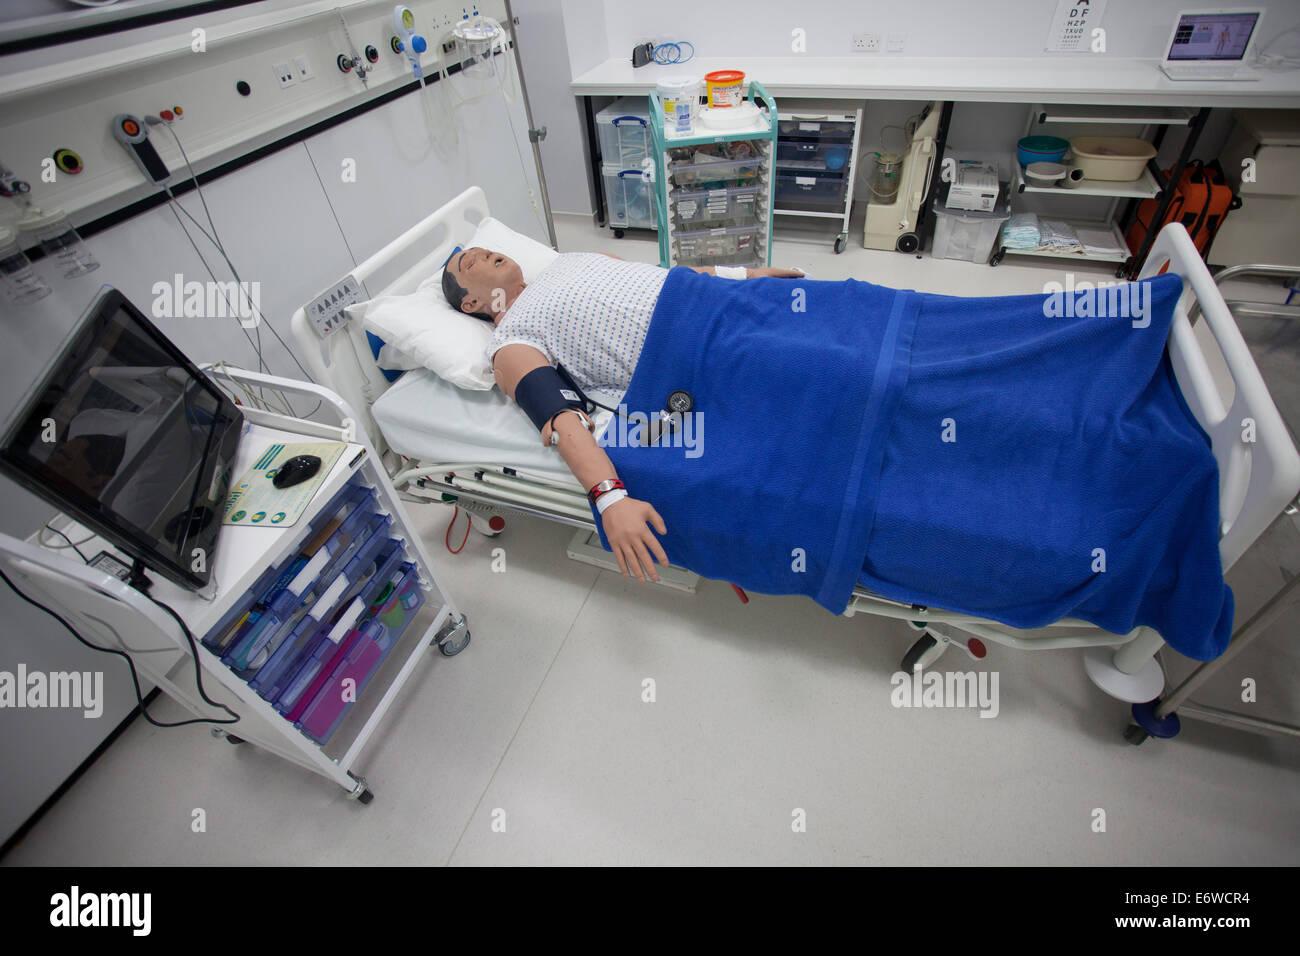 Metiman medical simulator - Stock Image